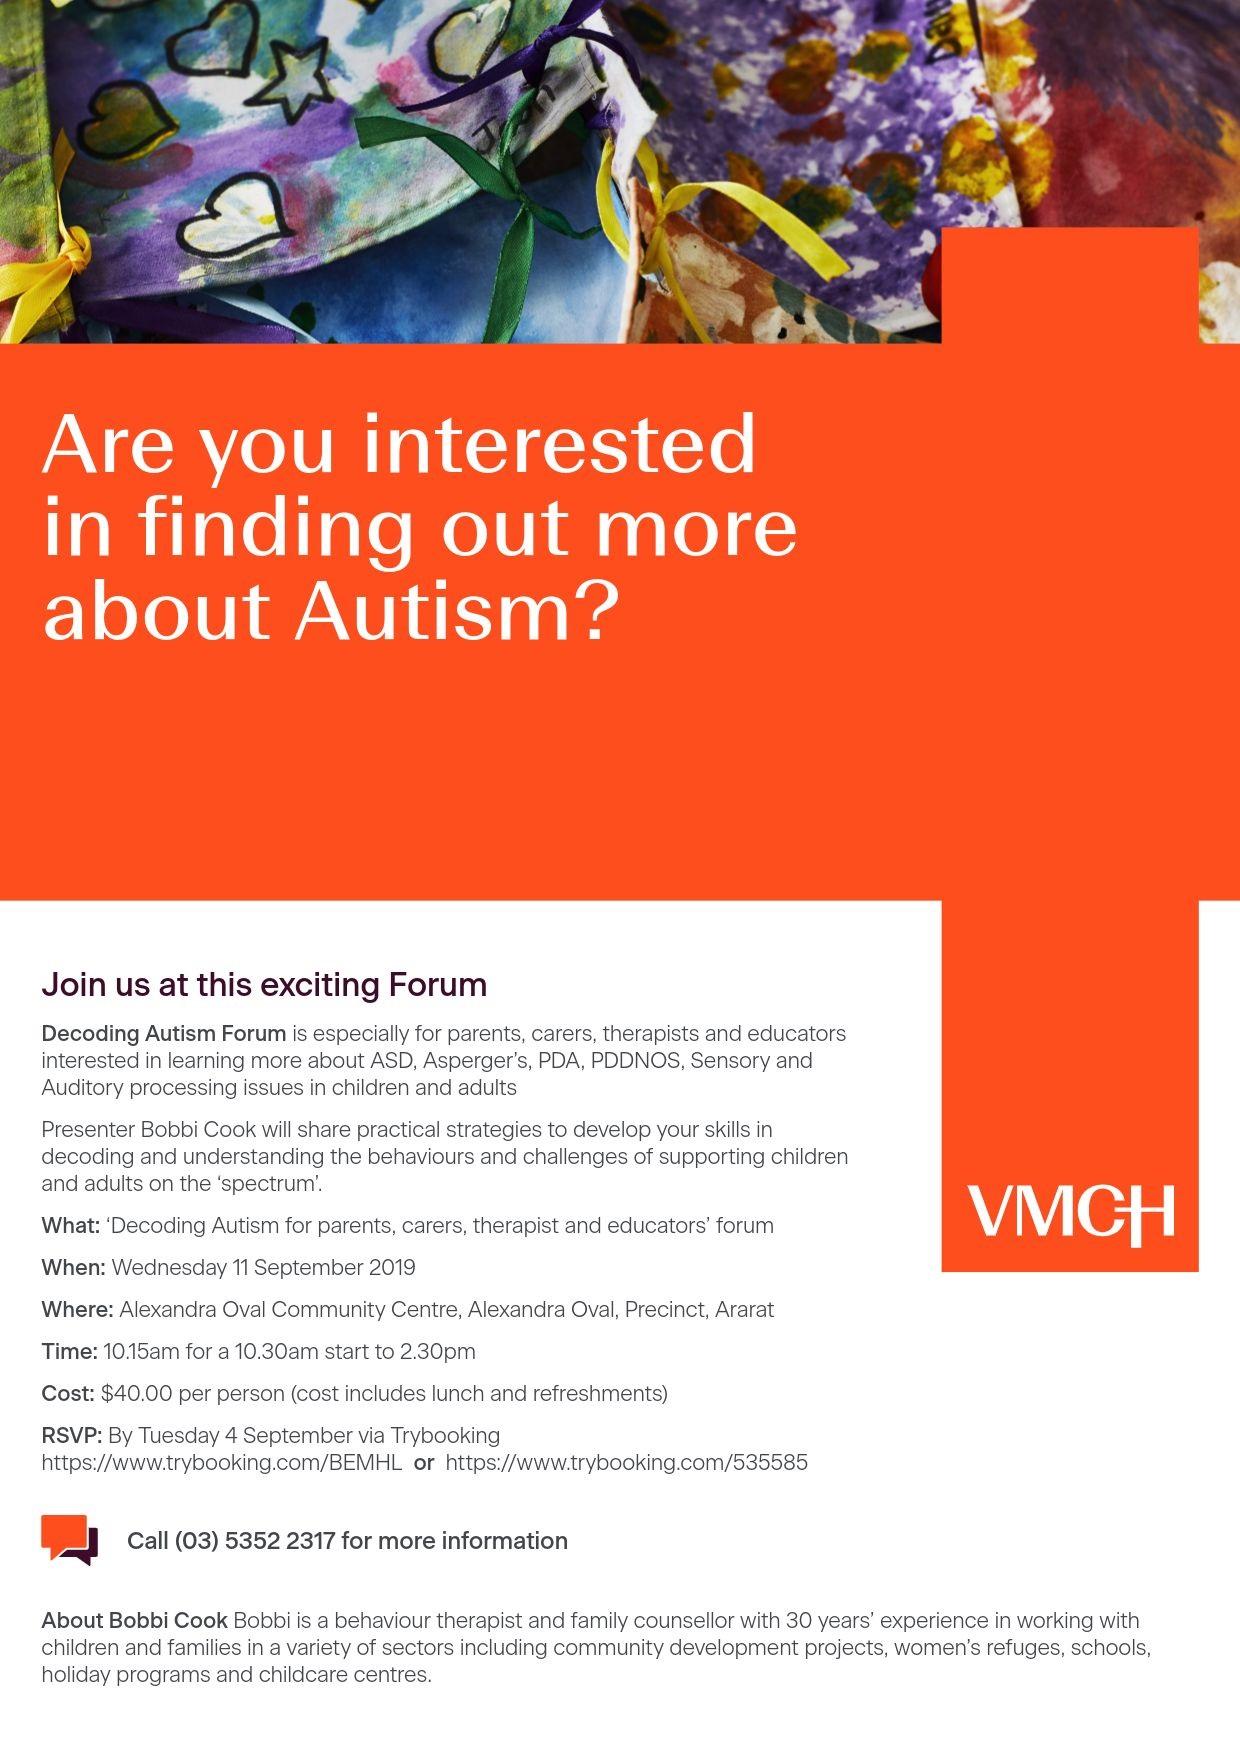 Decoding Autism Forum in Ararat